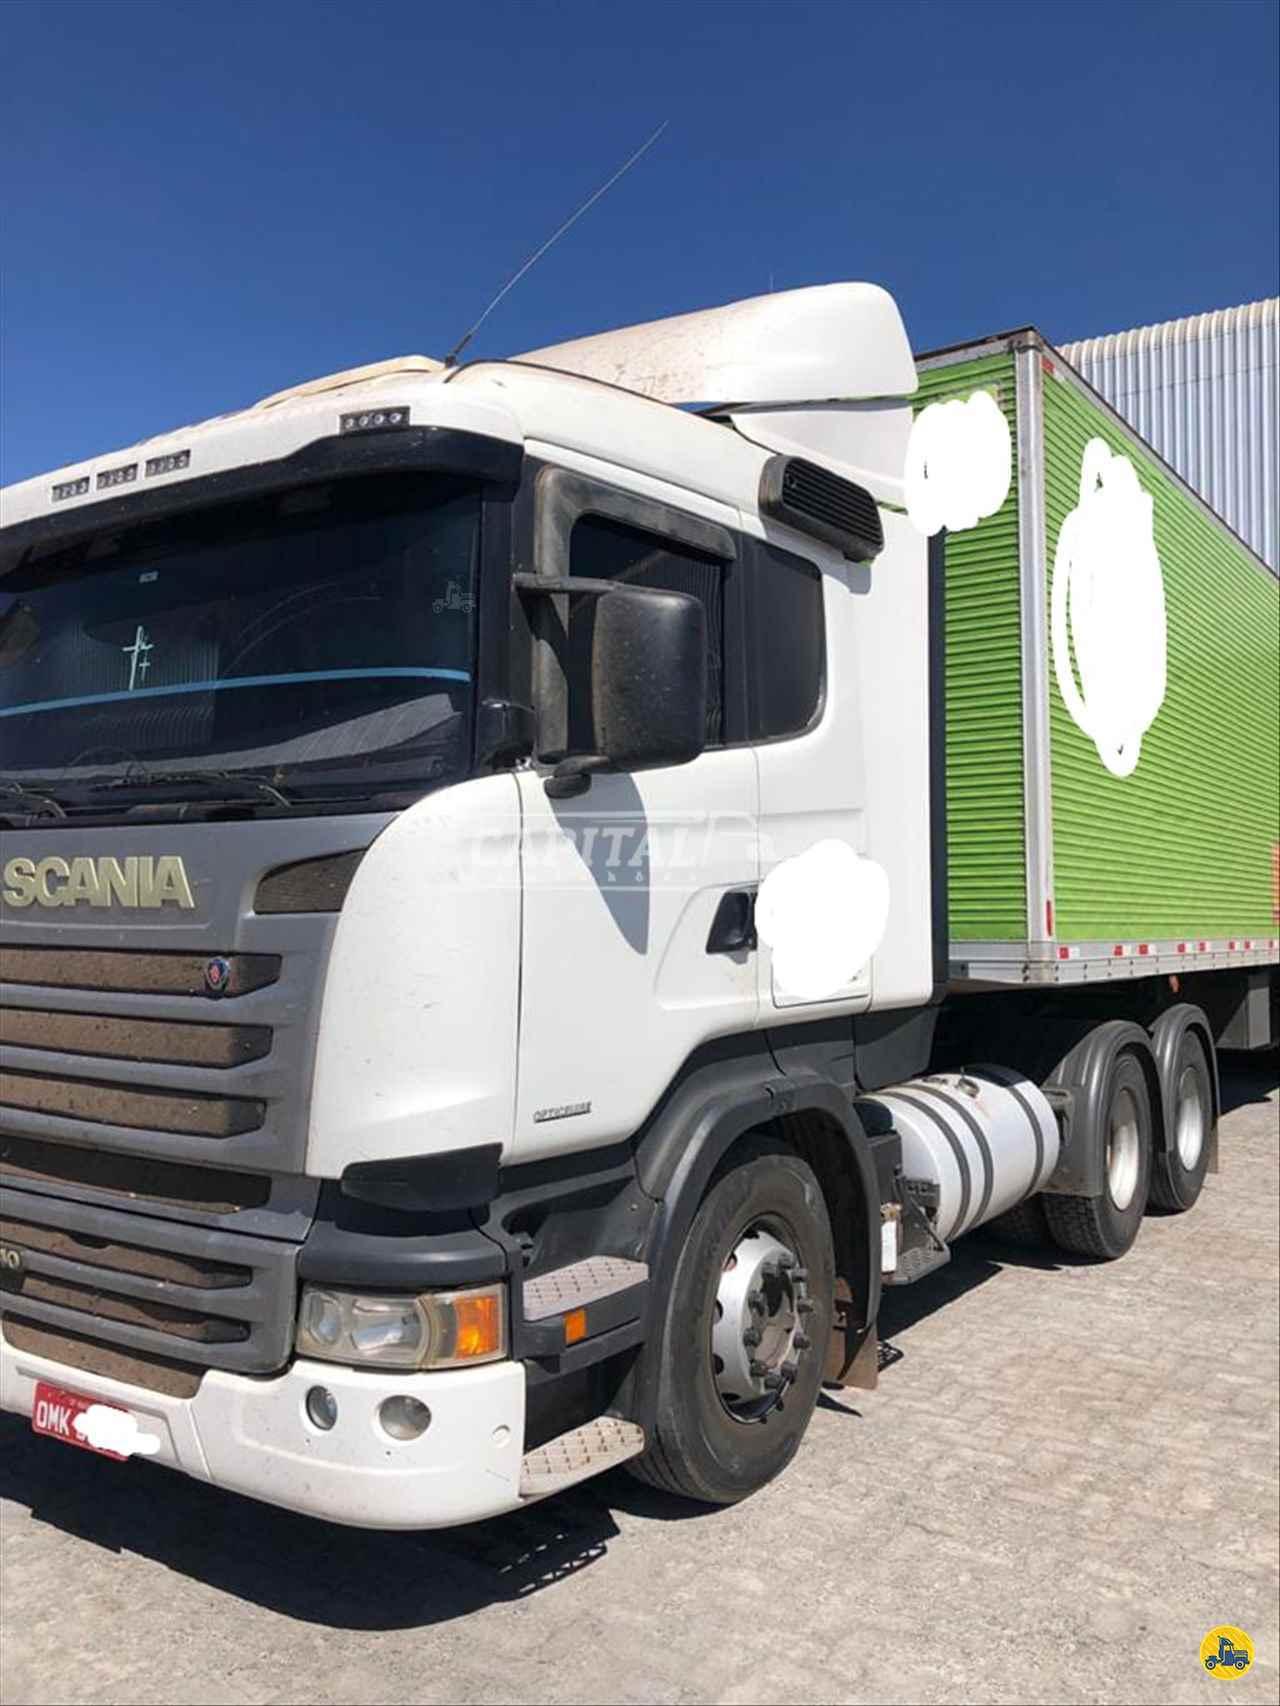 CAMINHAO SCANIA SCANIA 440 Cavalo Mecânico Truck 6x2 Capital Caminhões - Metalesp e Recrusul  BRASILIA DISTRITO FEDERAL DF